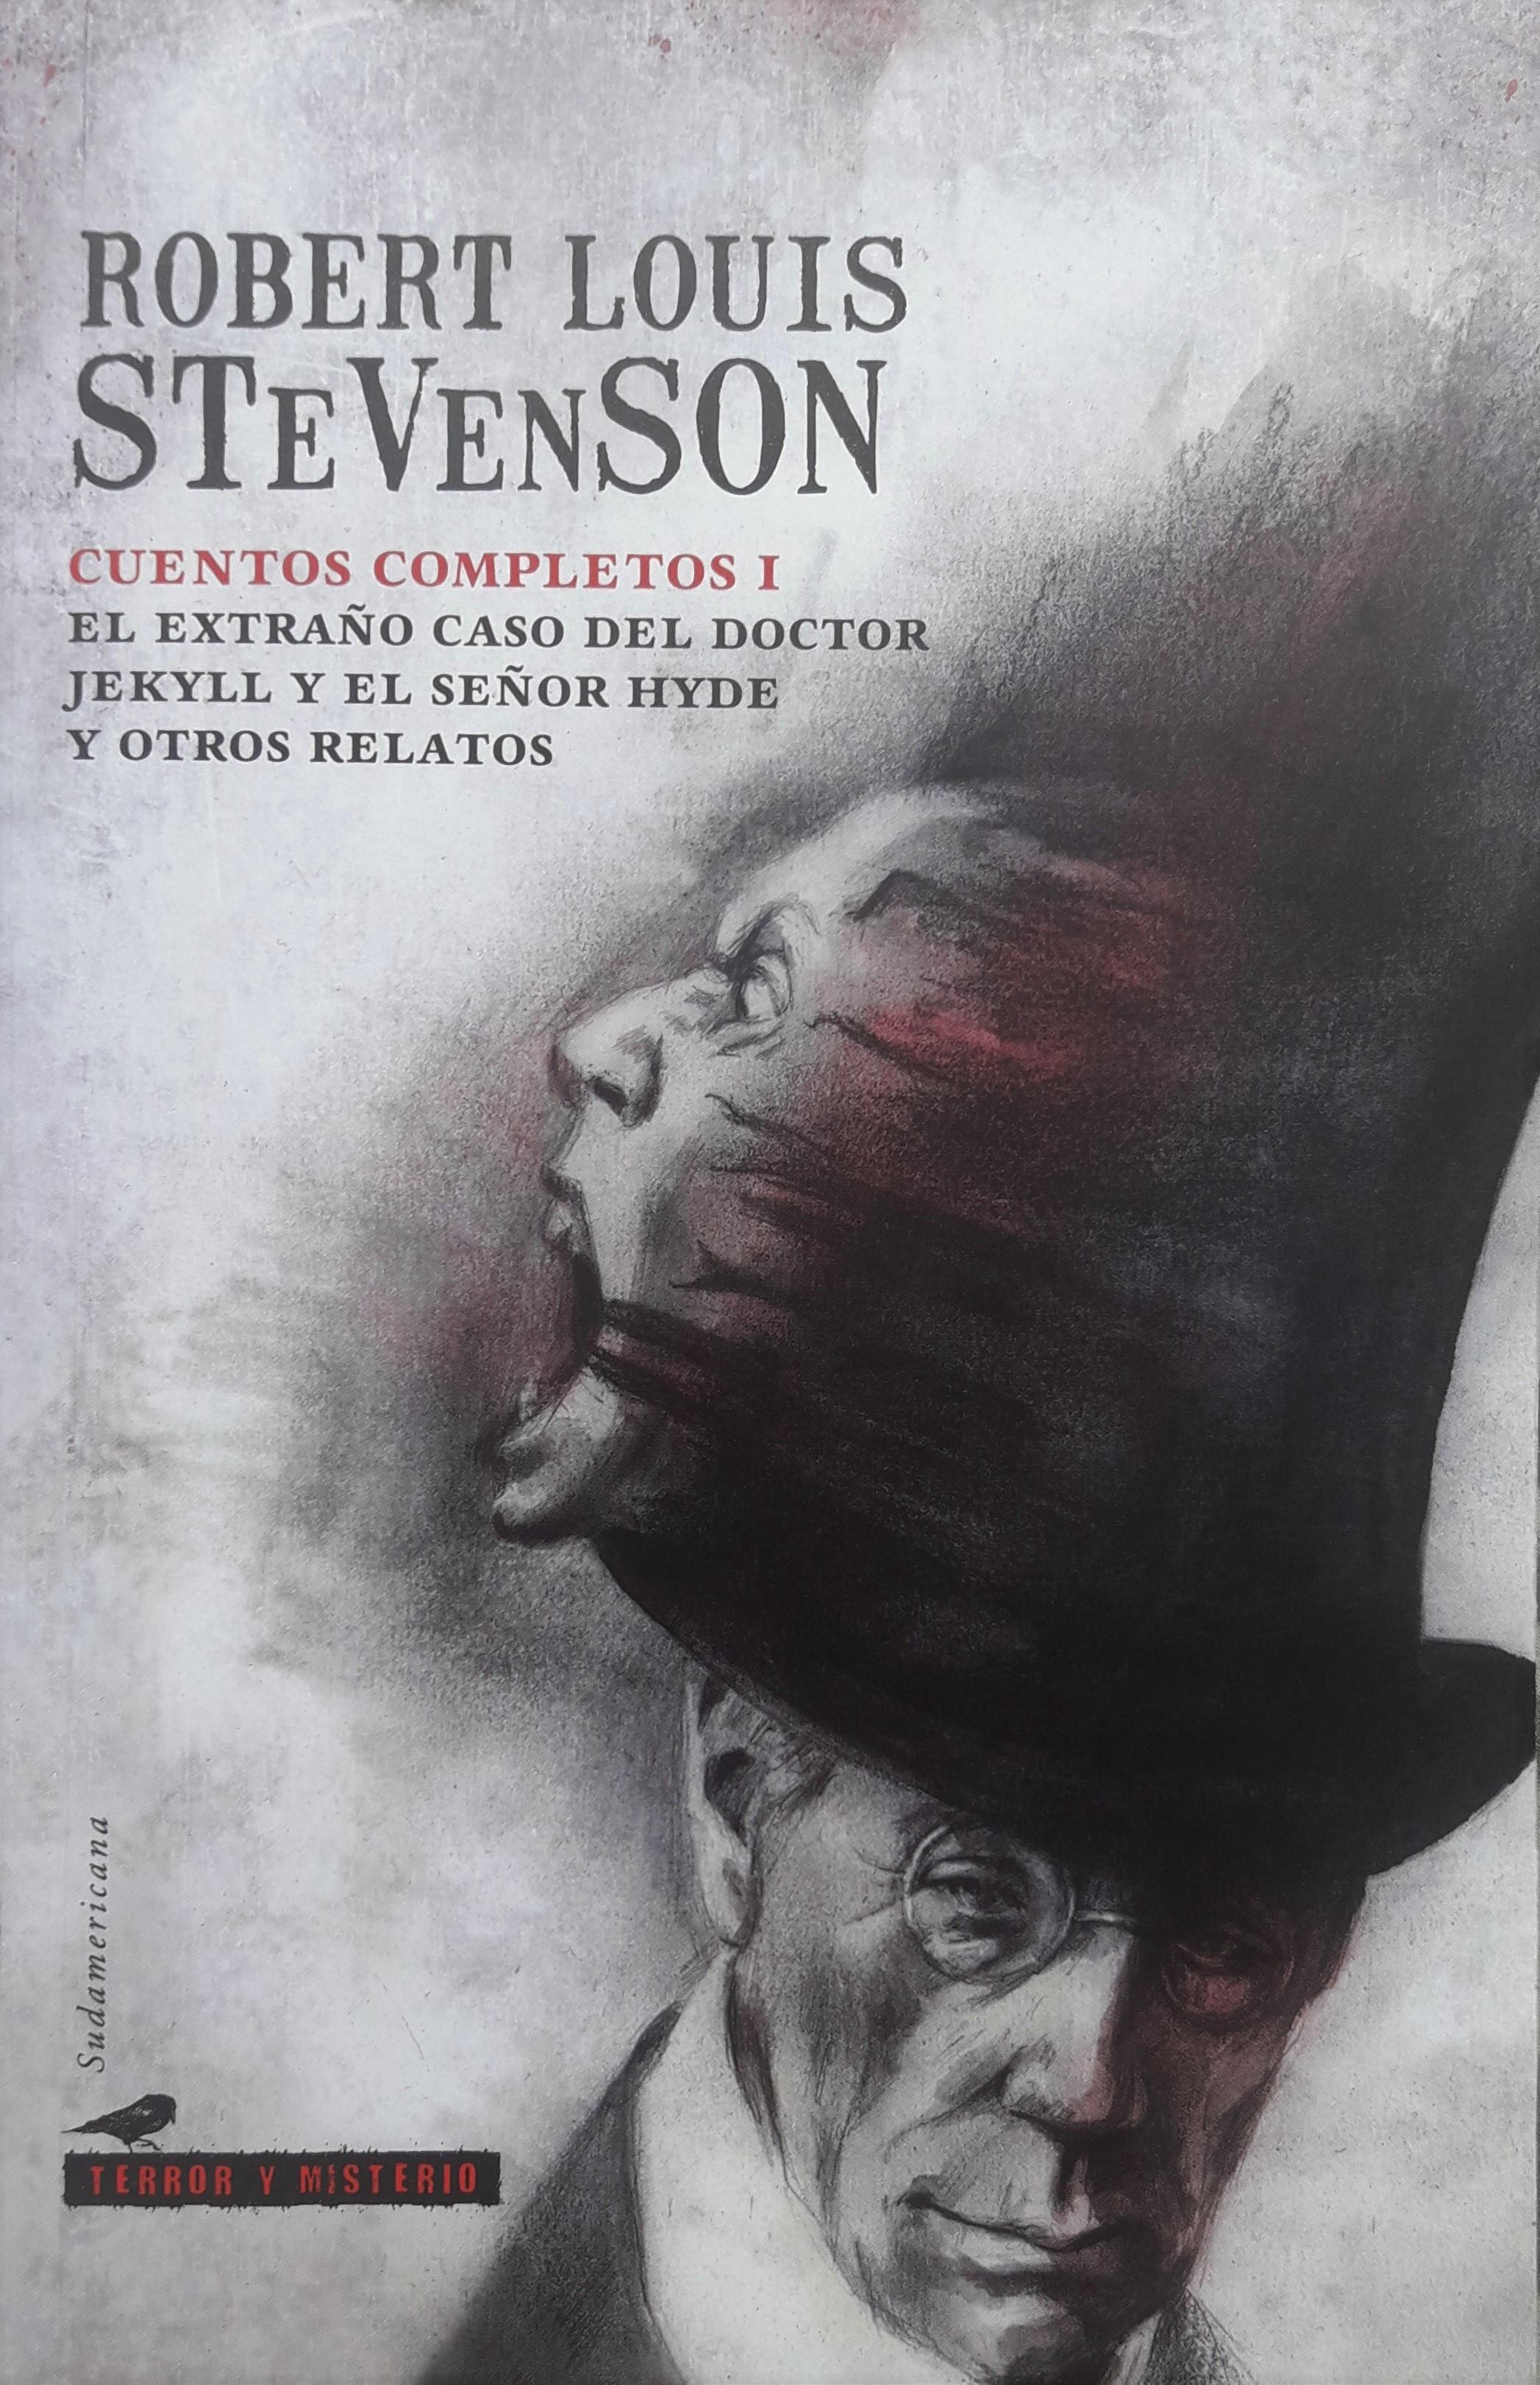 Cuentos completos I. El extraño caso del doctor Jekyll y el señor Hyde y otros relatos